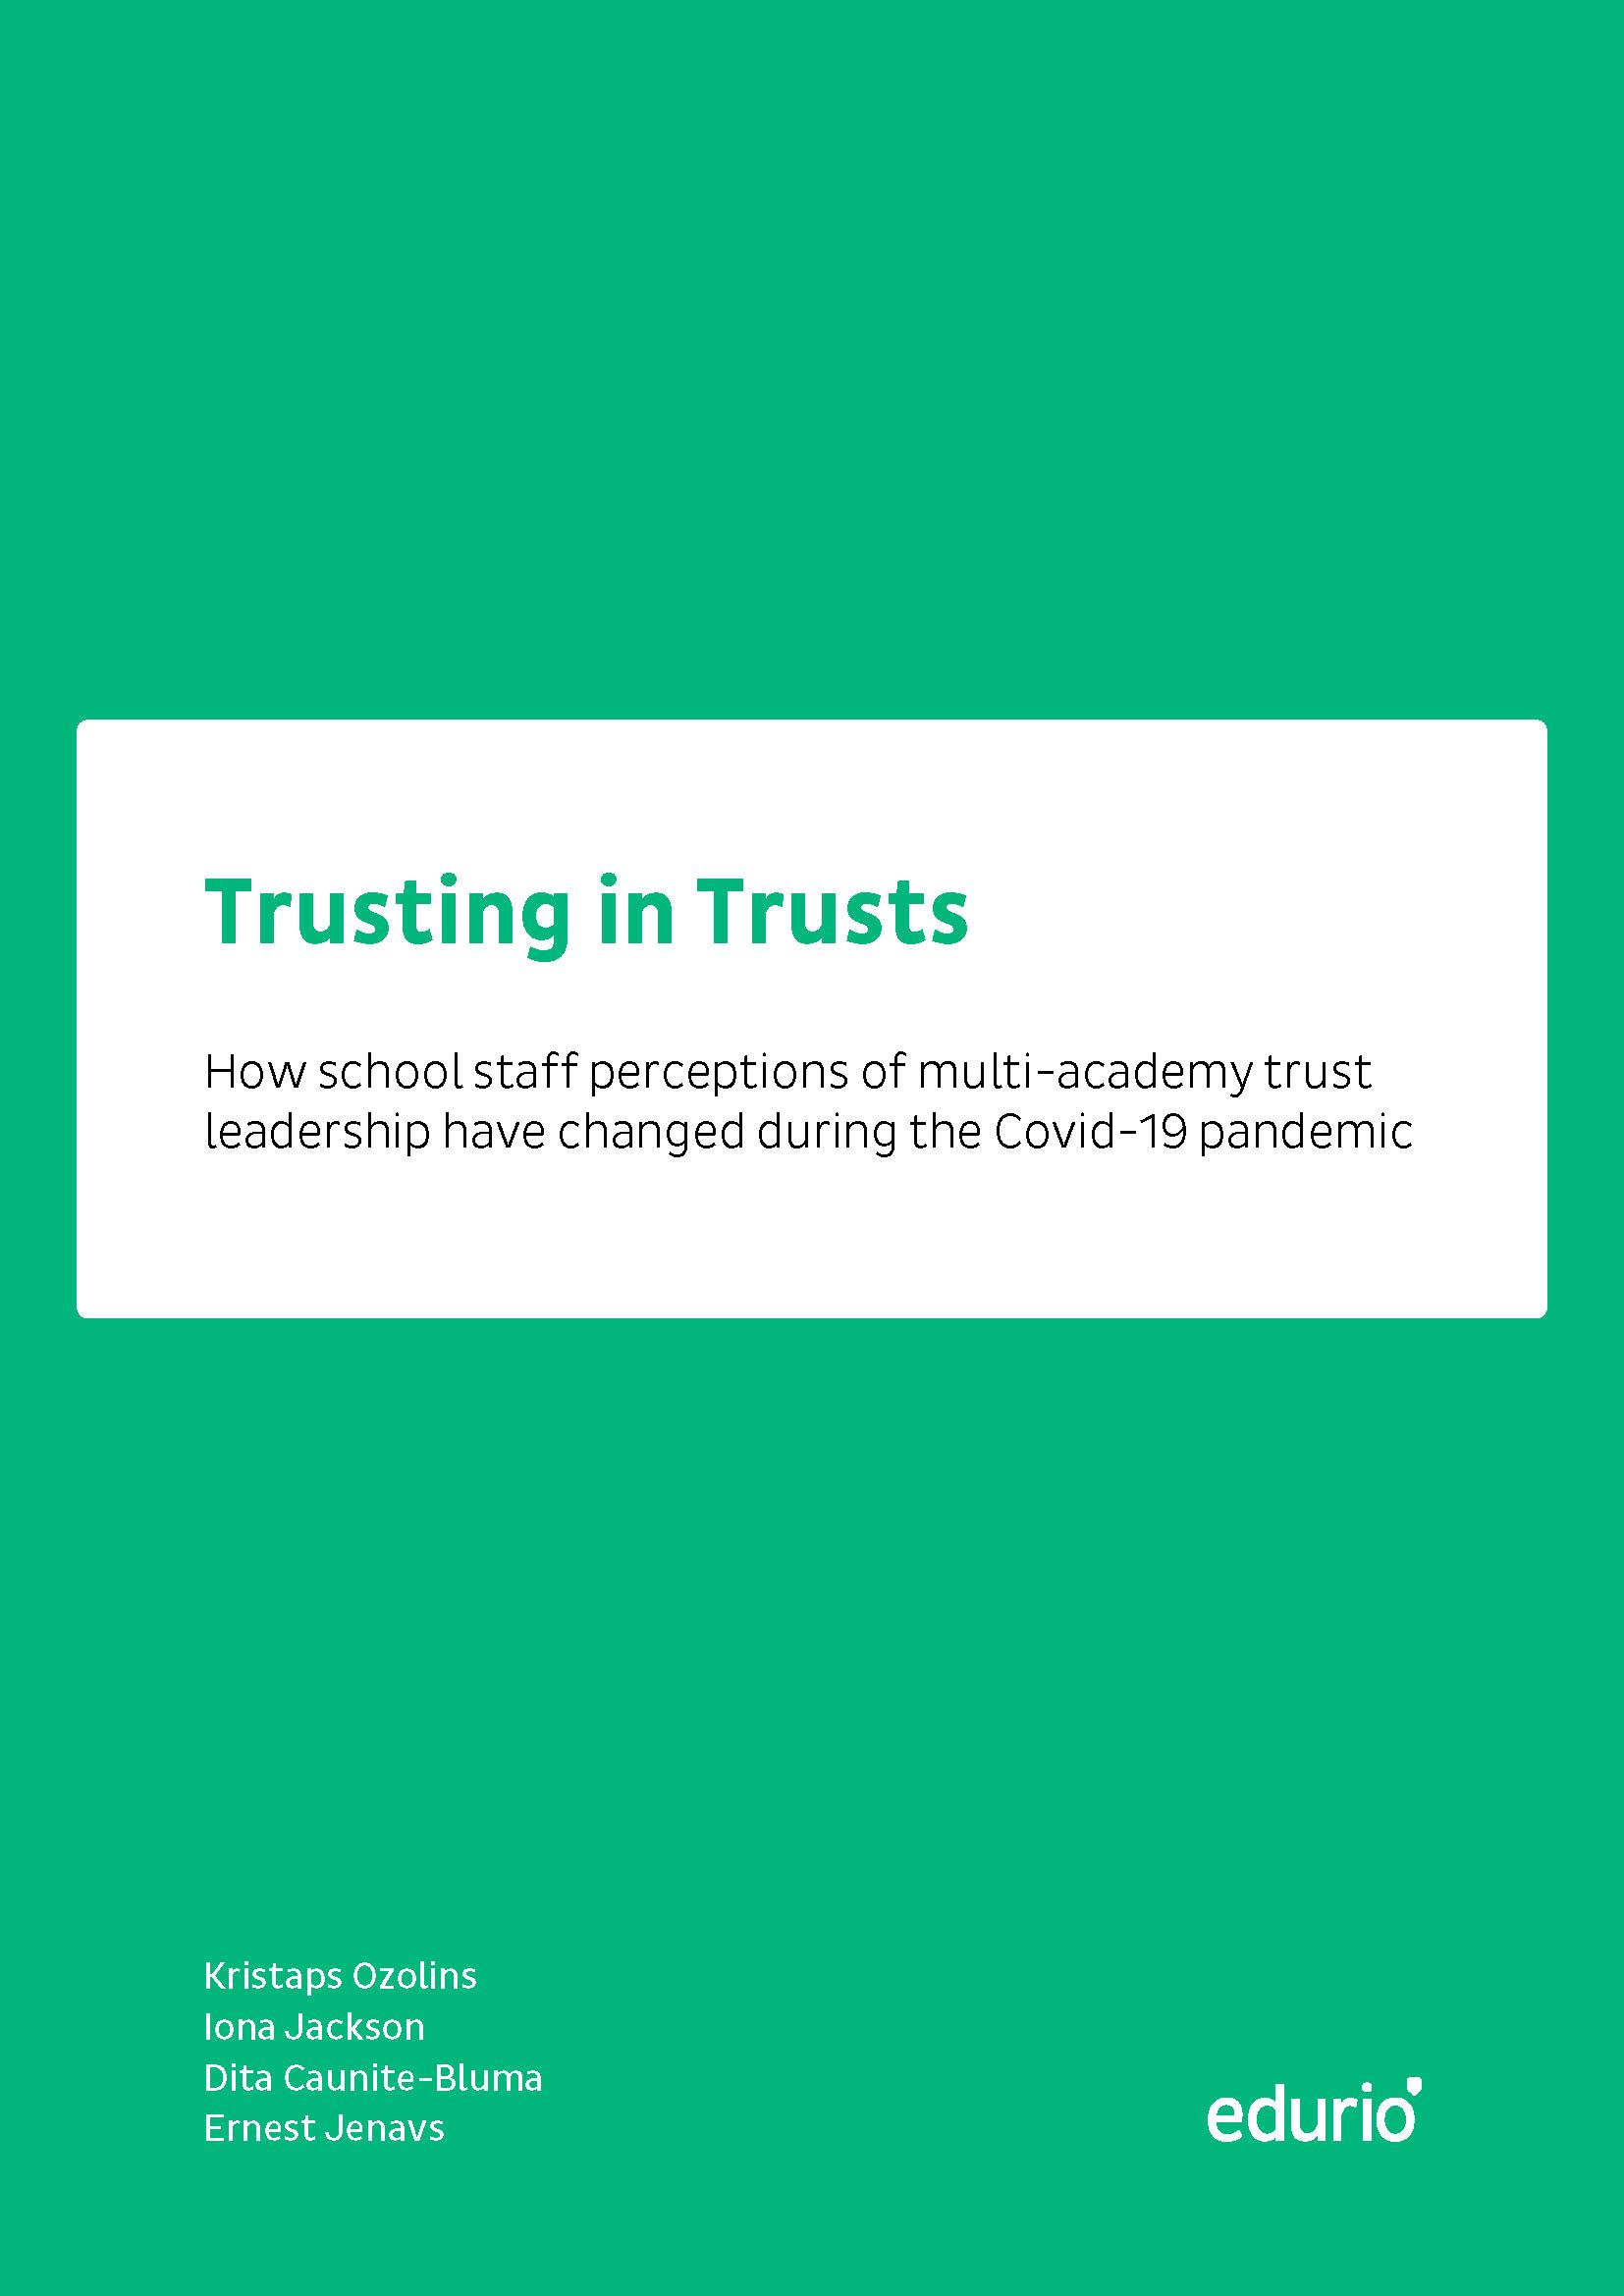 Edurio_Trusting_in_Trusts-FINAL